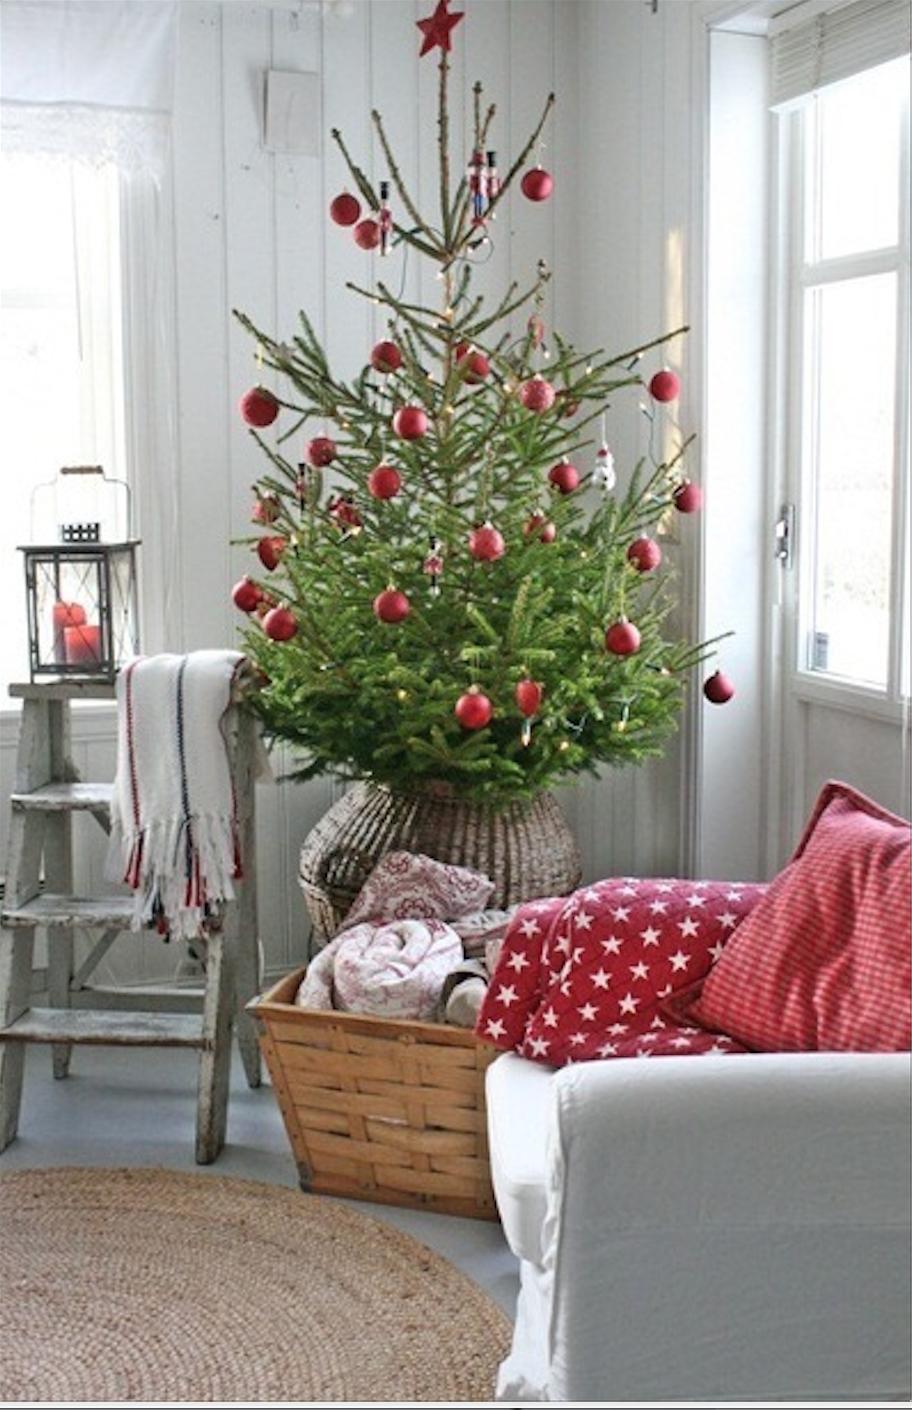 die 15 sch nsten weihnachtsb ume sweet home. Black Bedroom Furniture Sets. Home Design Ideas